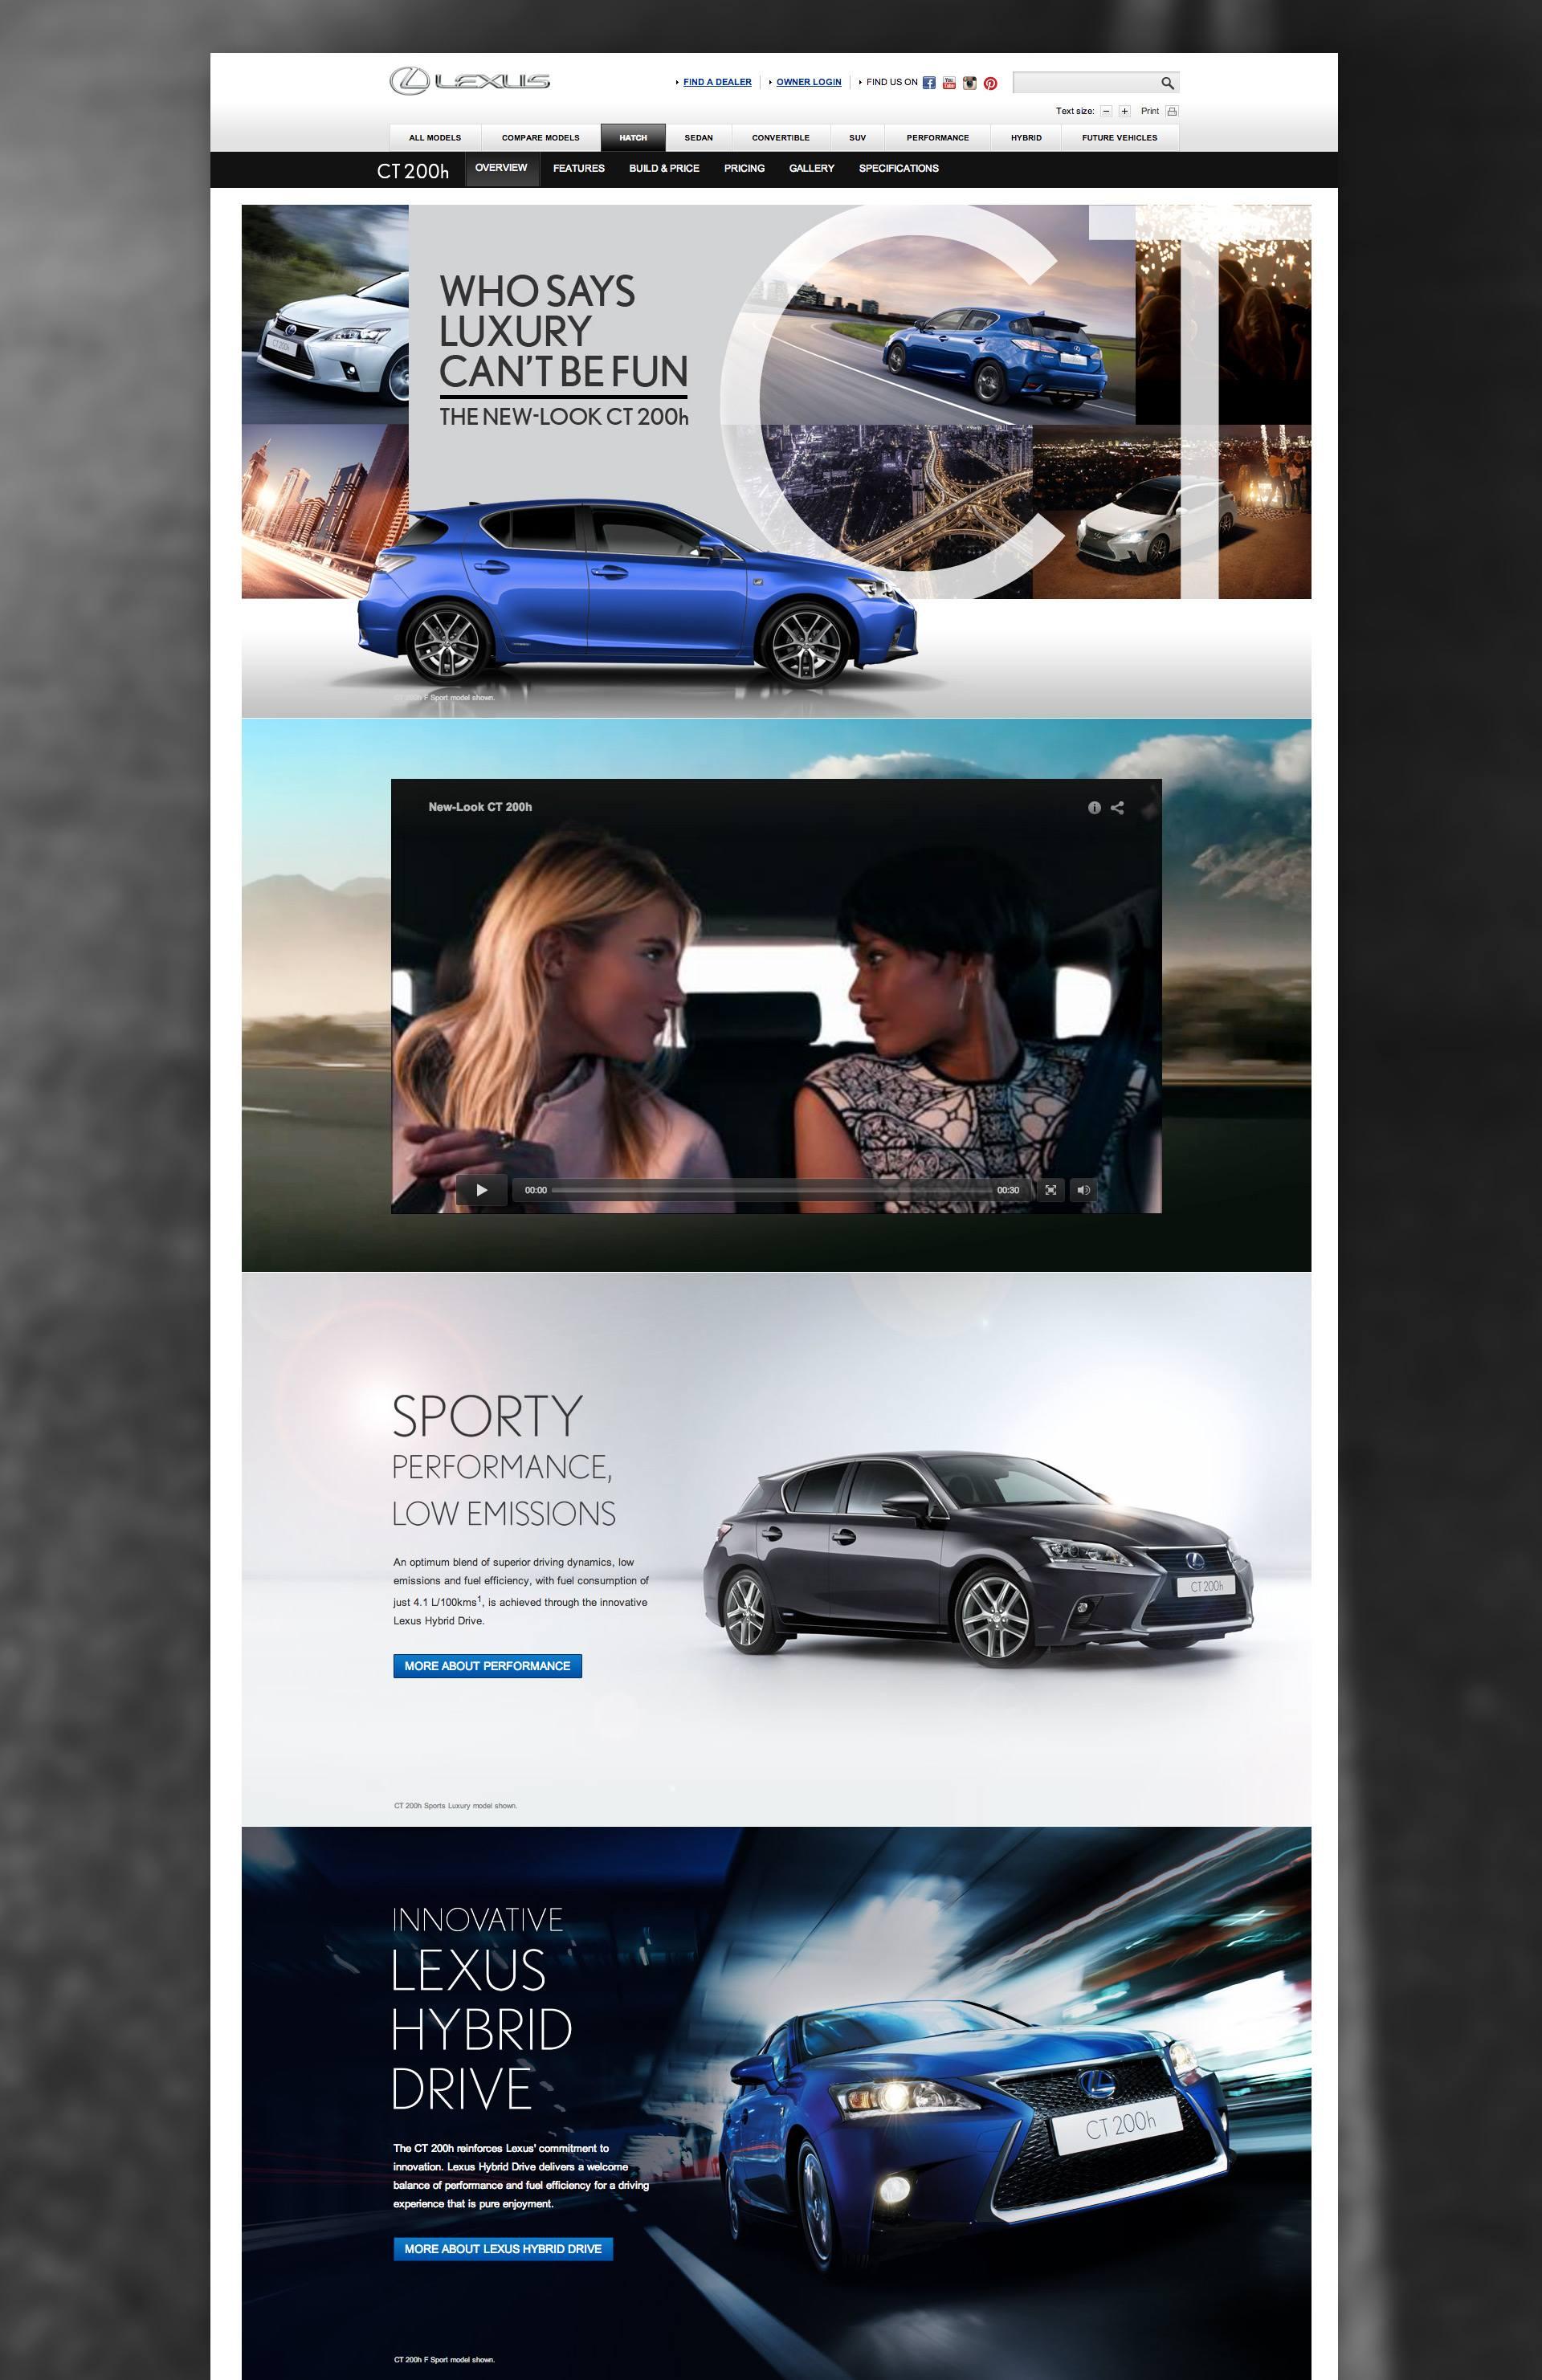 53d9e70510e86006055470c8_Lexus-Project-Part3.jpg